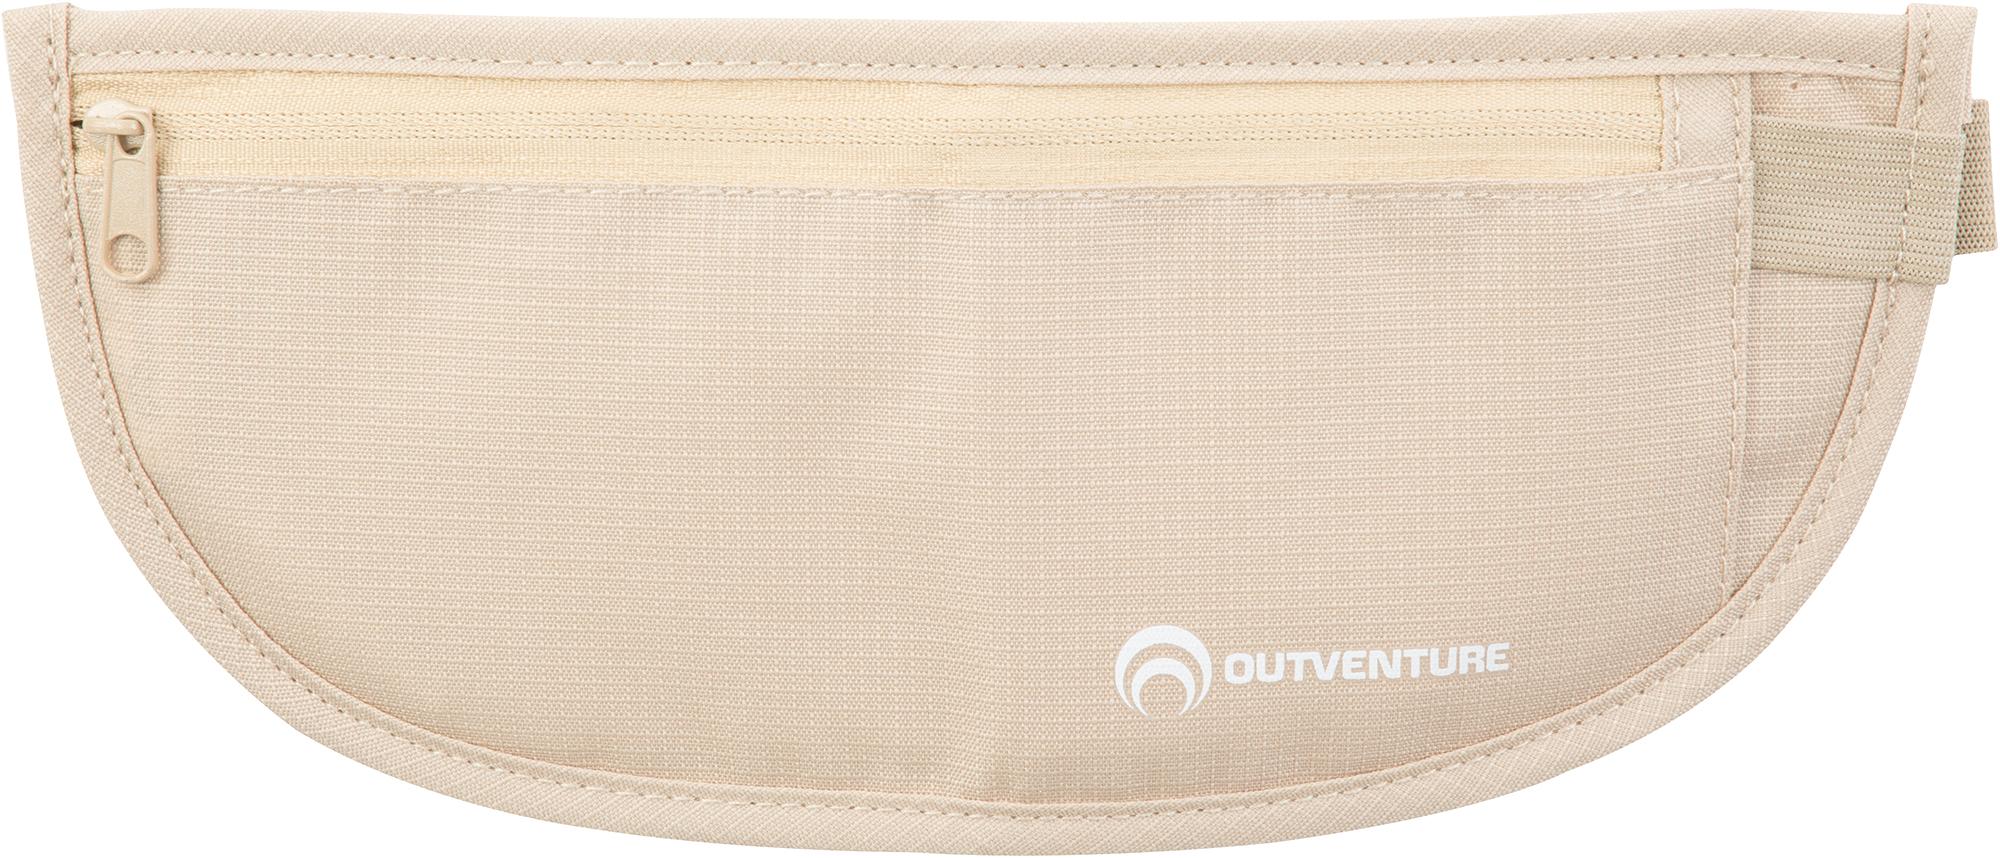 Outventure Кошелек Outventure 1шт женщин дамы pu кожаный кошелек длинный кошелек держатель карты сумка clutch сумка